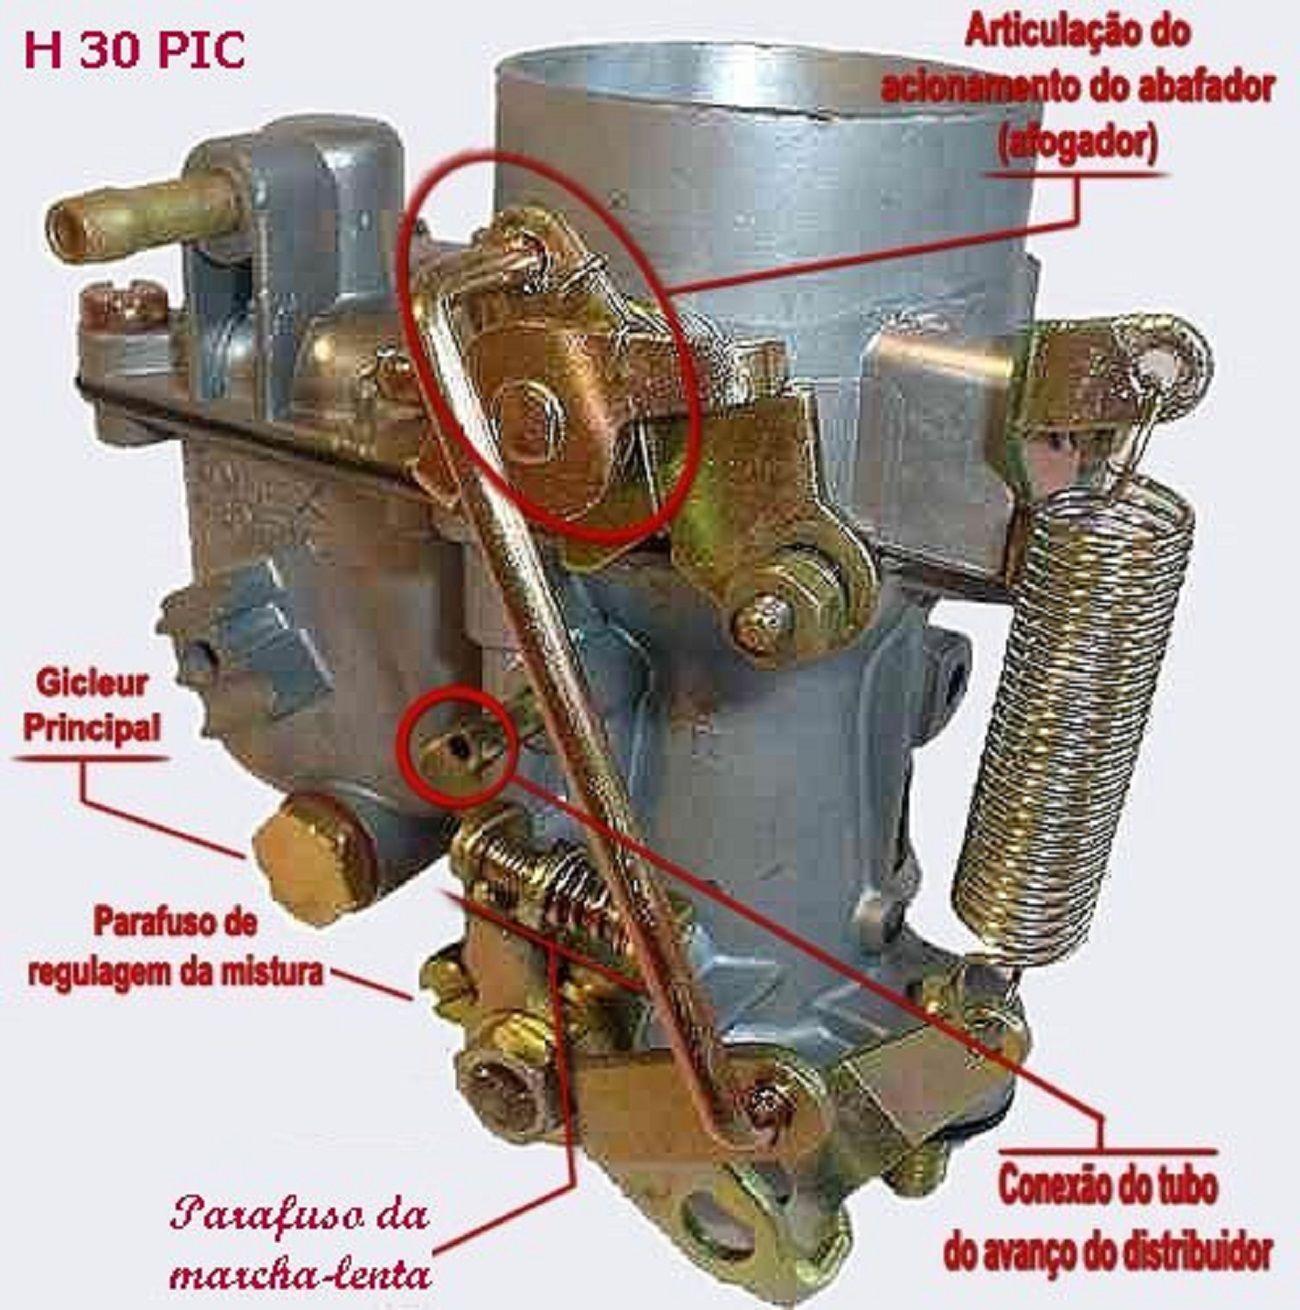 Carburador Solex H 30 Pic Pra Qualquer Motor Vw Acessorios Fusca Carro Fusca Carburador Fusca